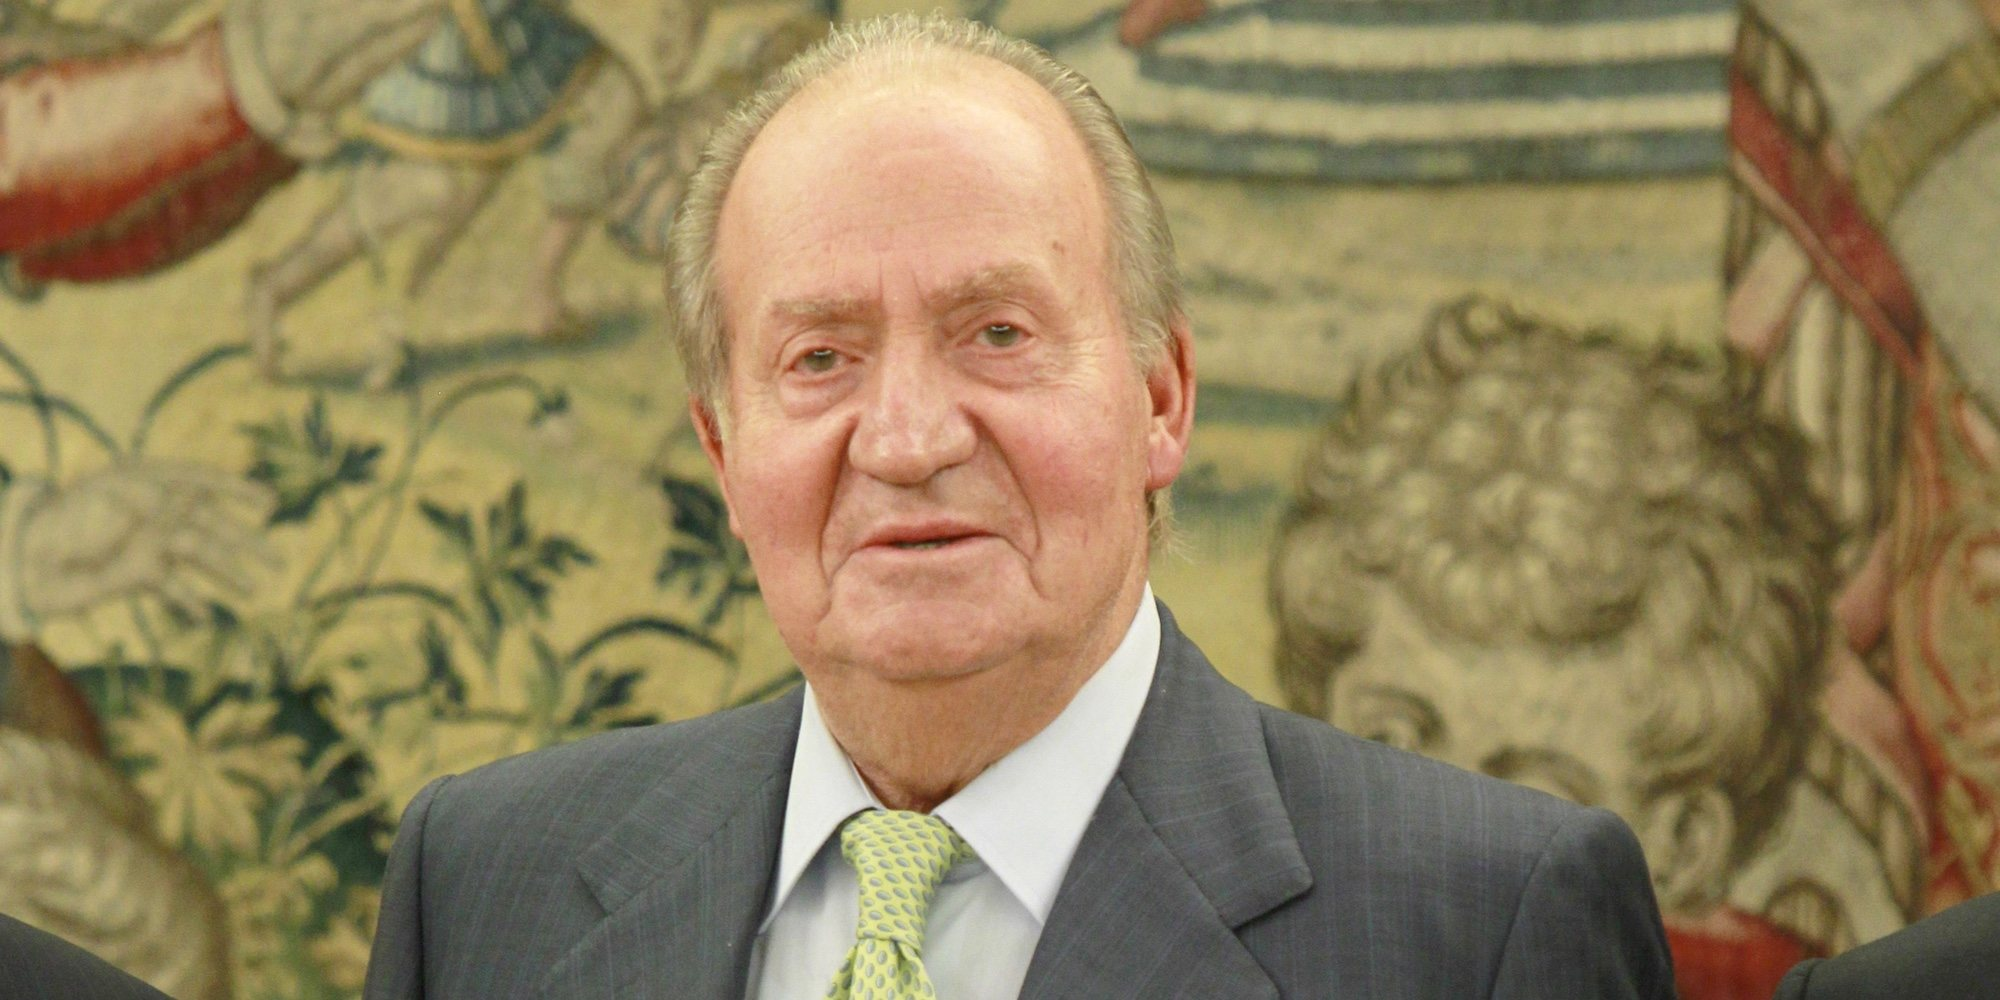 El hartazgo de Casa Real con el Rey Juan Carlos: explica en público el saludo a Bin Salman pero lo critica en privado